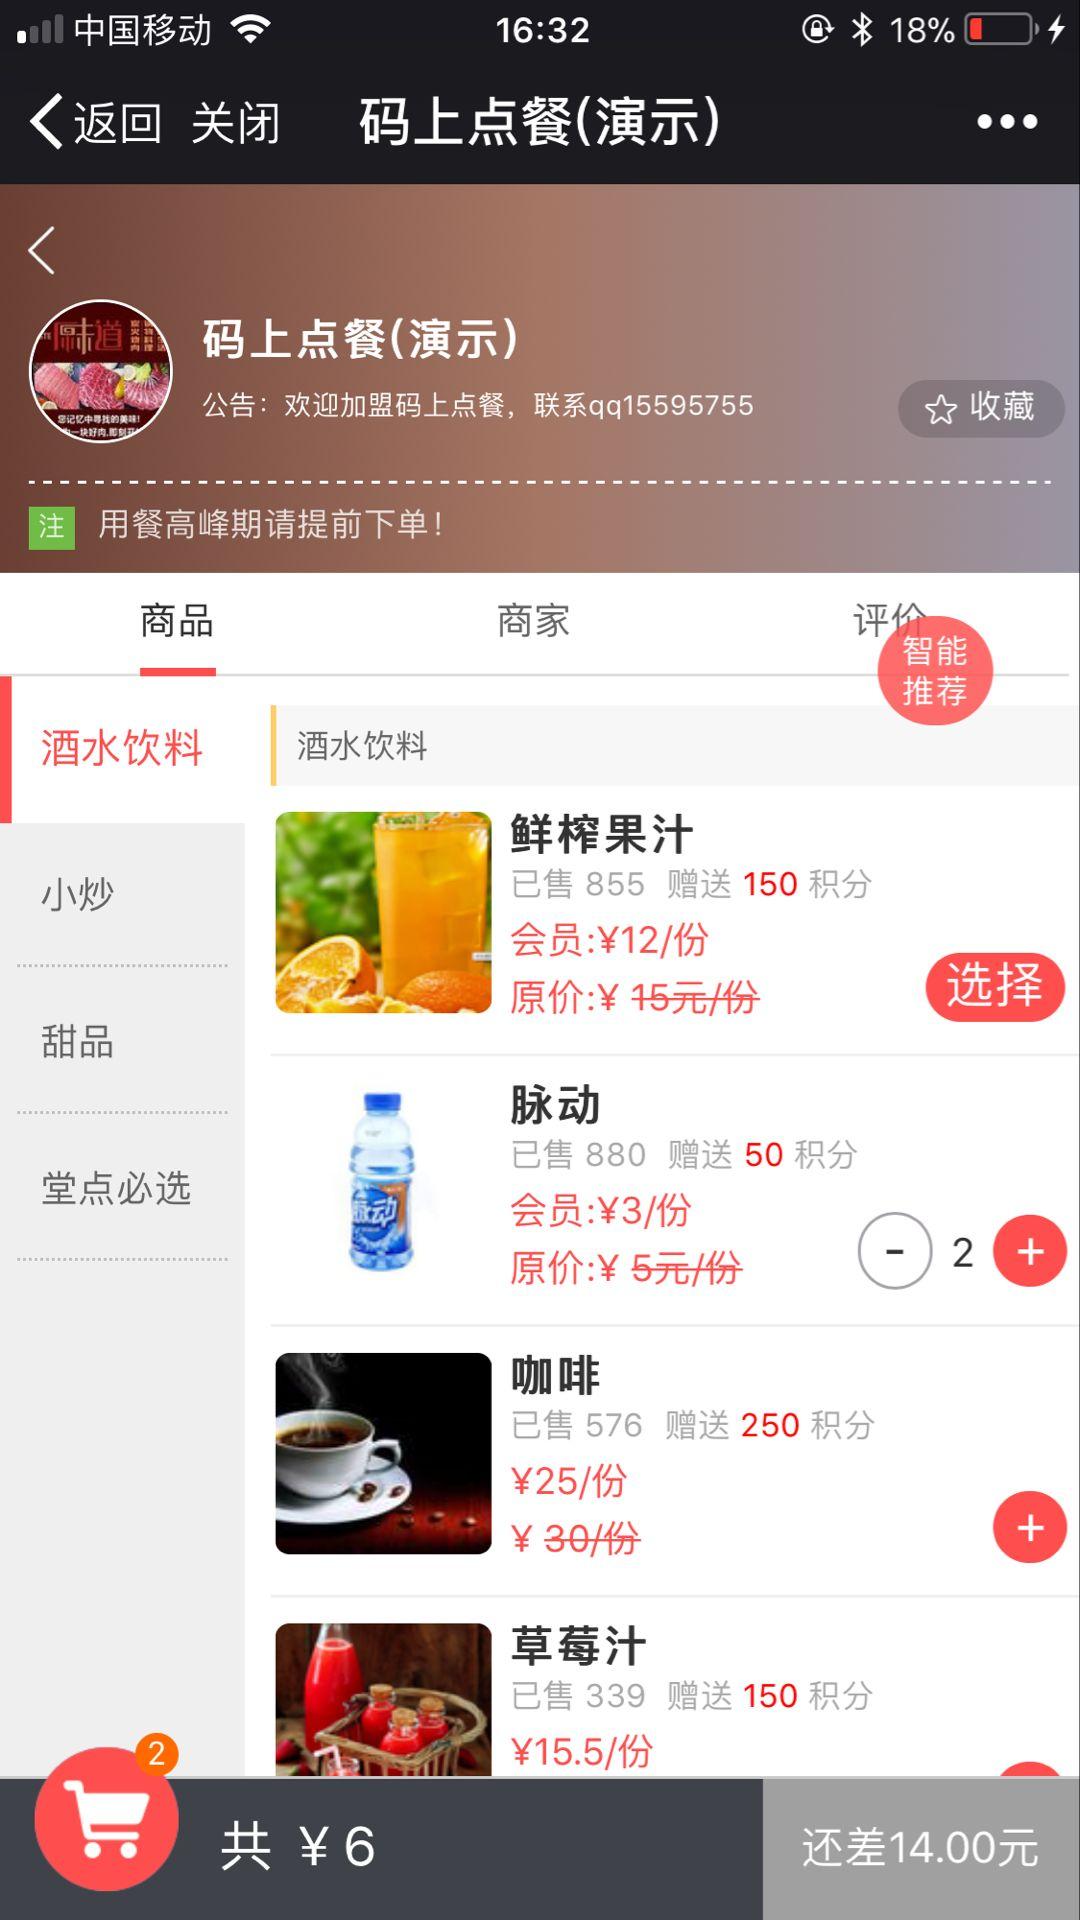 码上点餐外卖餐饮系统 6.7.3微擎微赞通用模块 带多商户分销等